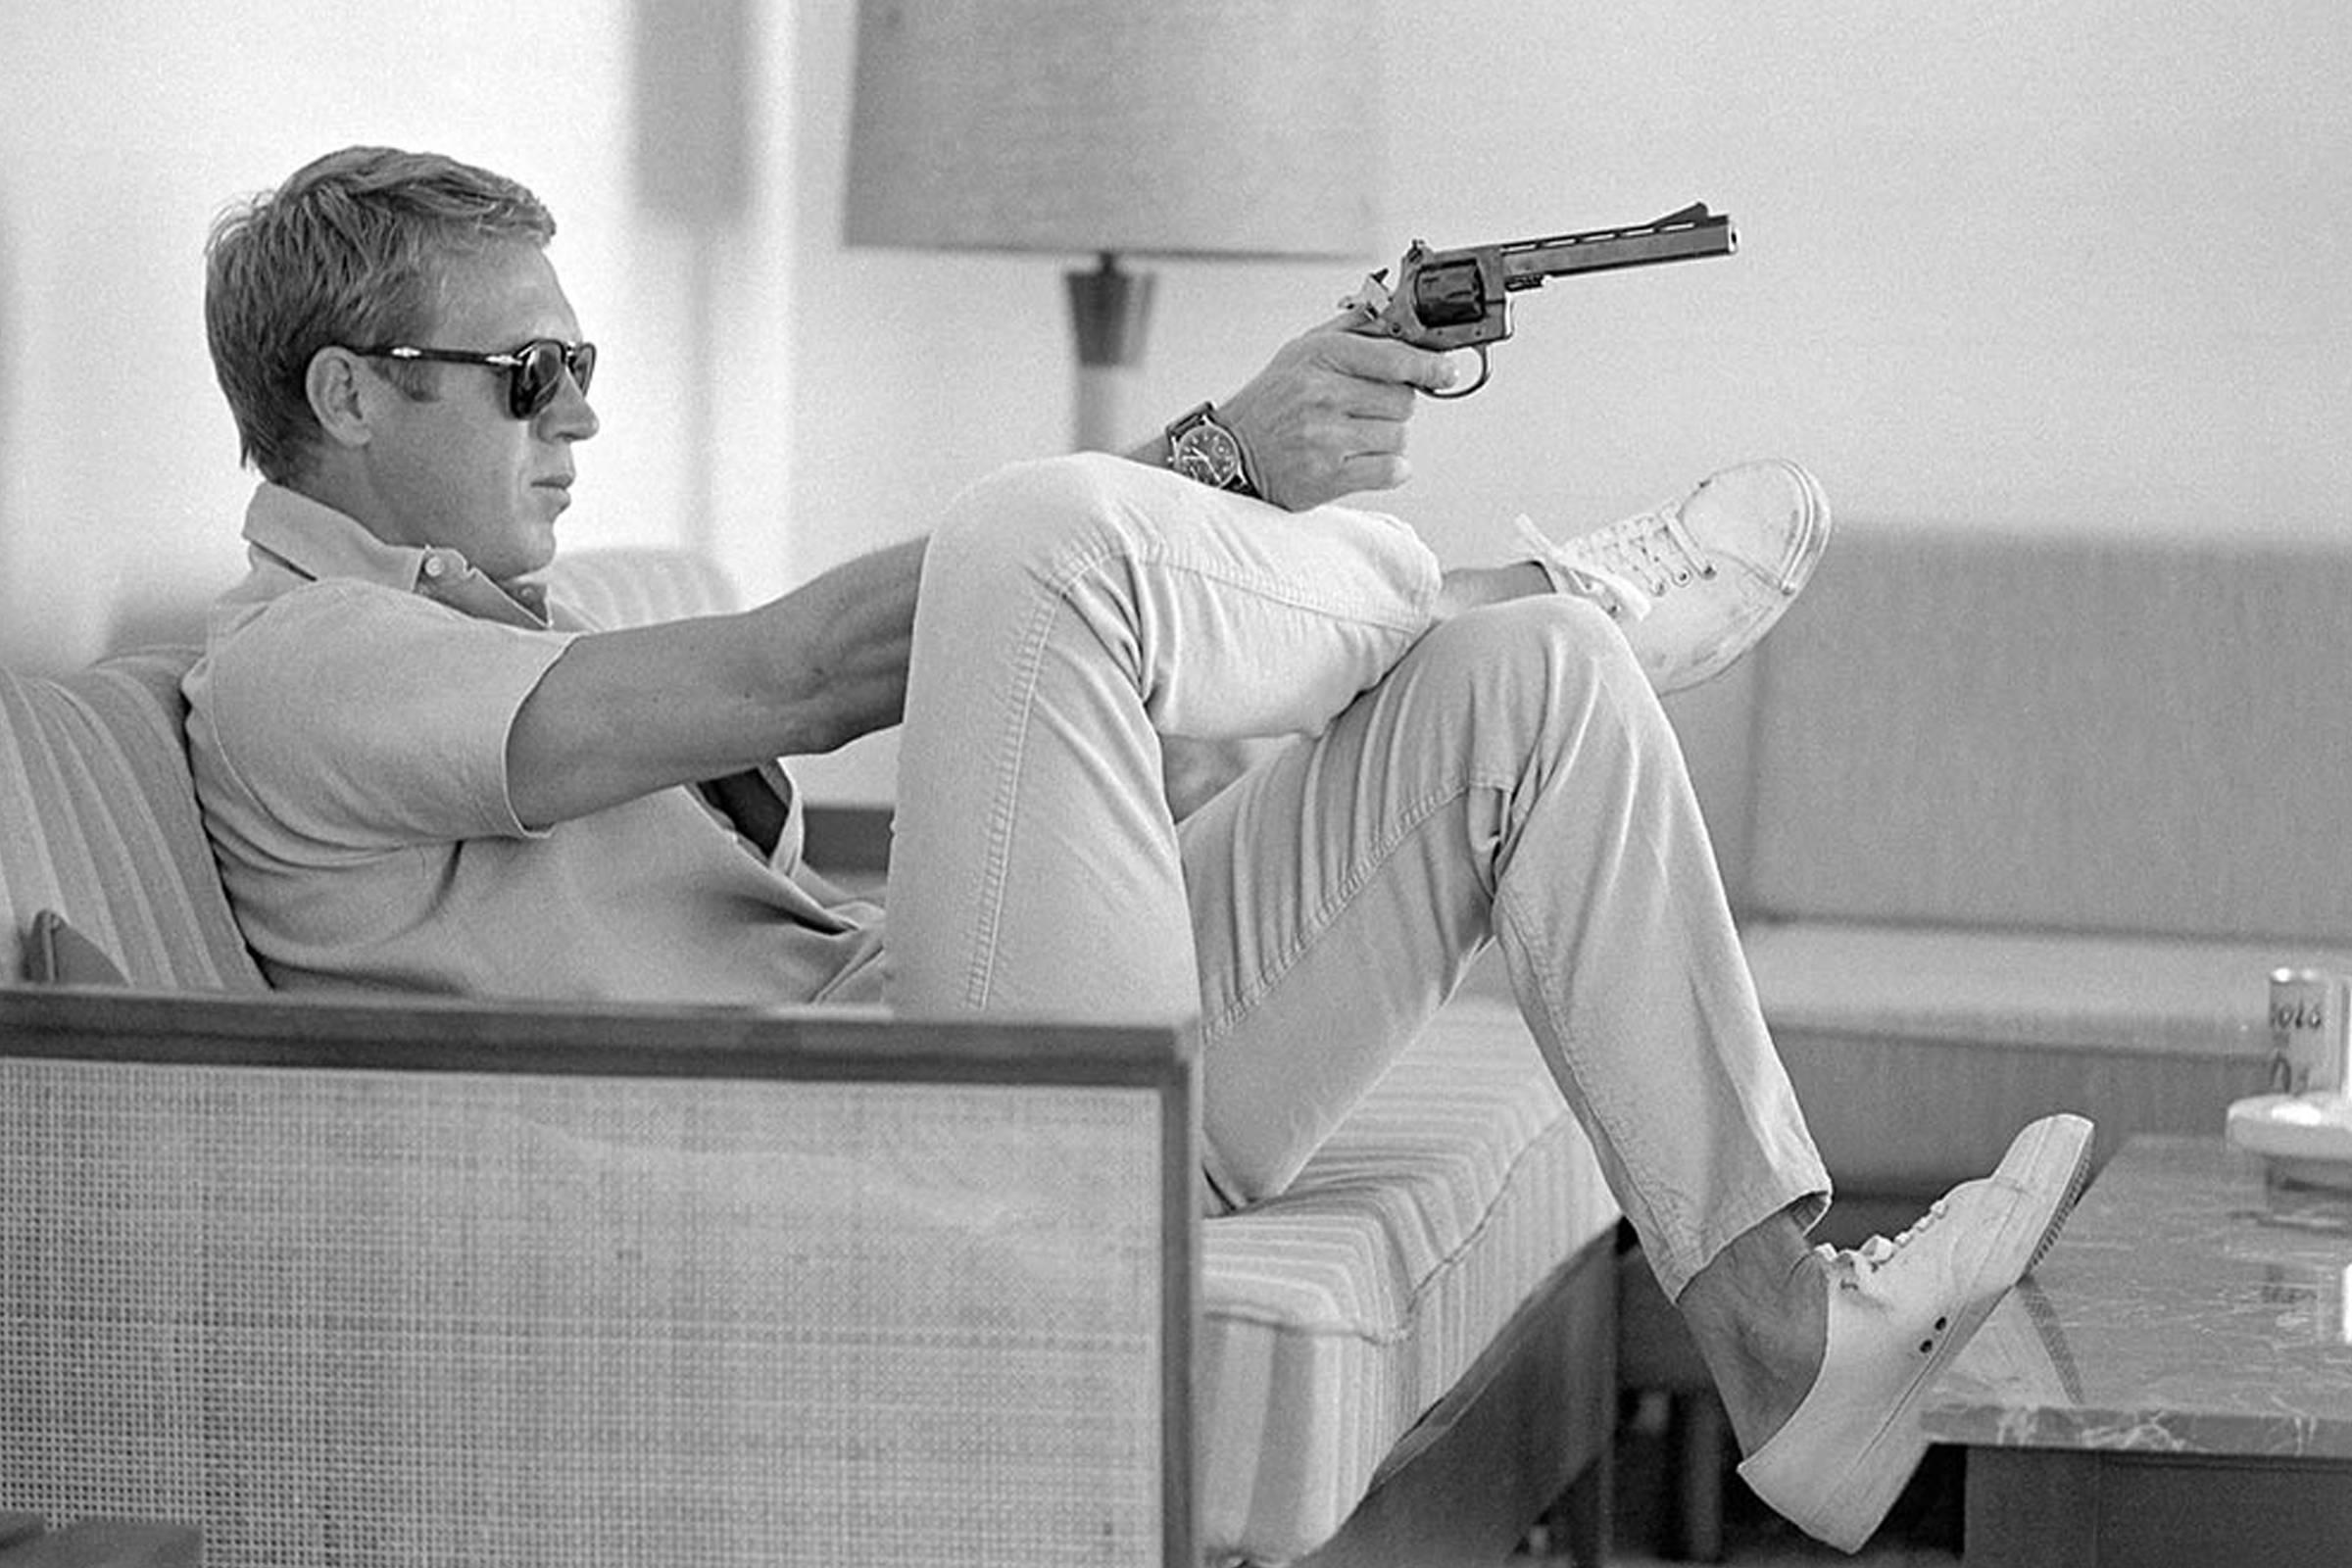 From Virgil Hilts to Frank Bullitt: The On-Screen Style of Steve McQueen